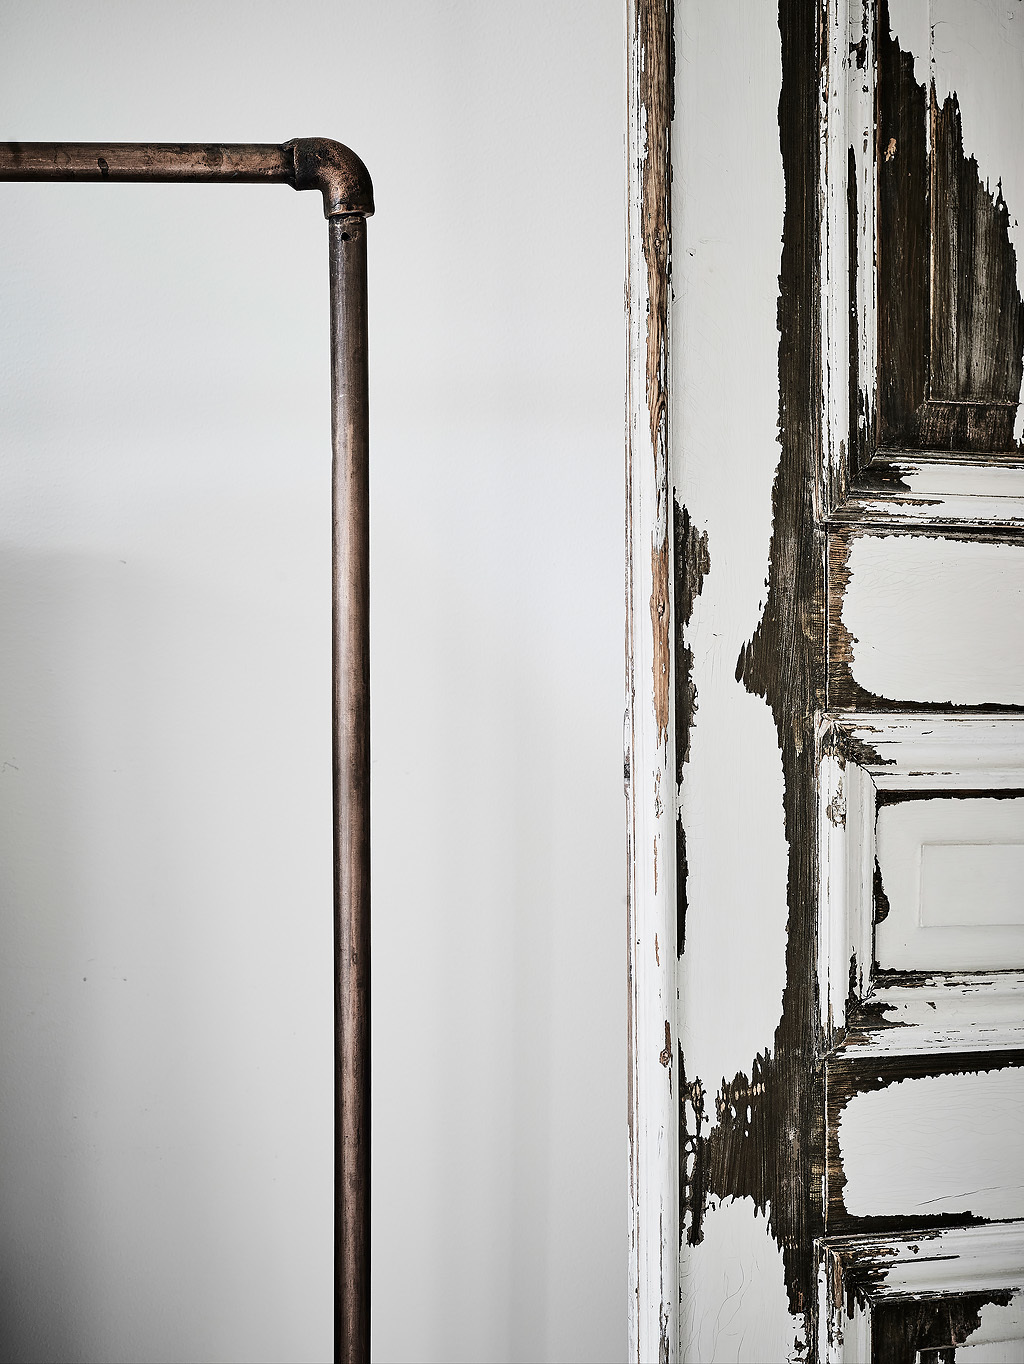 Déco rustique moderne - Un appartement à Copenhague avec ses portes patinées